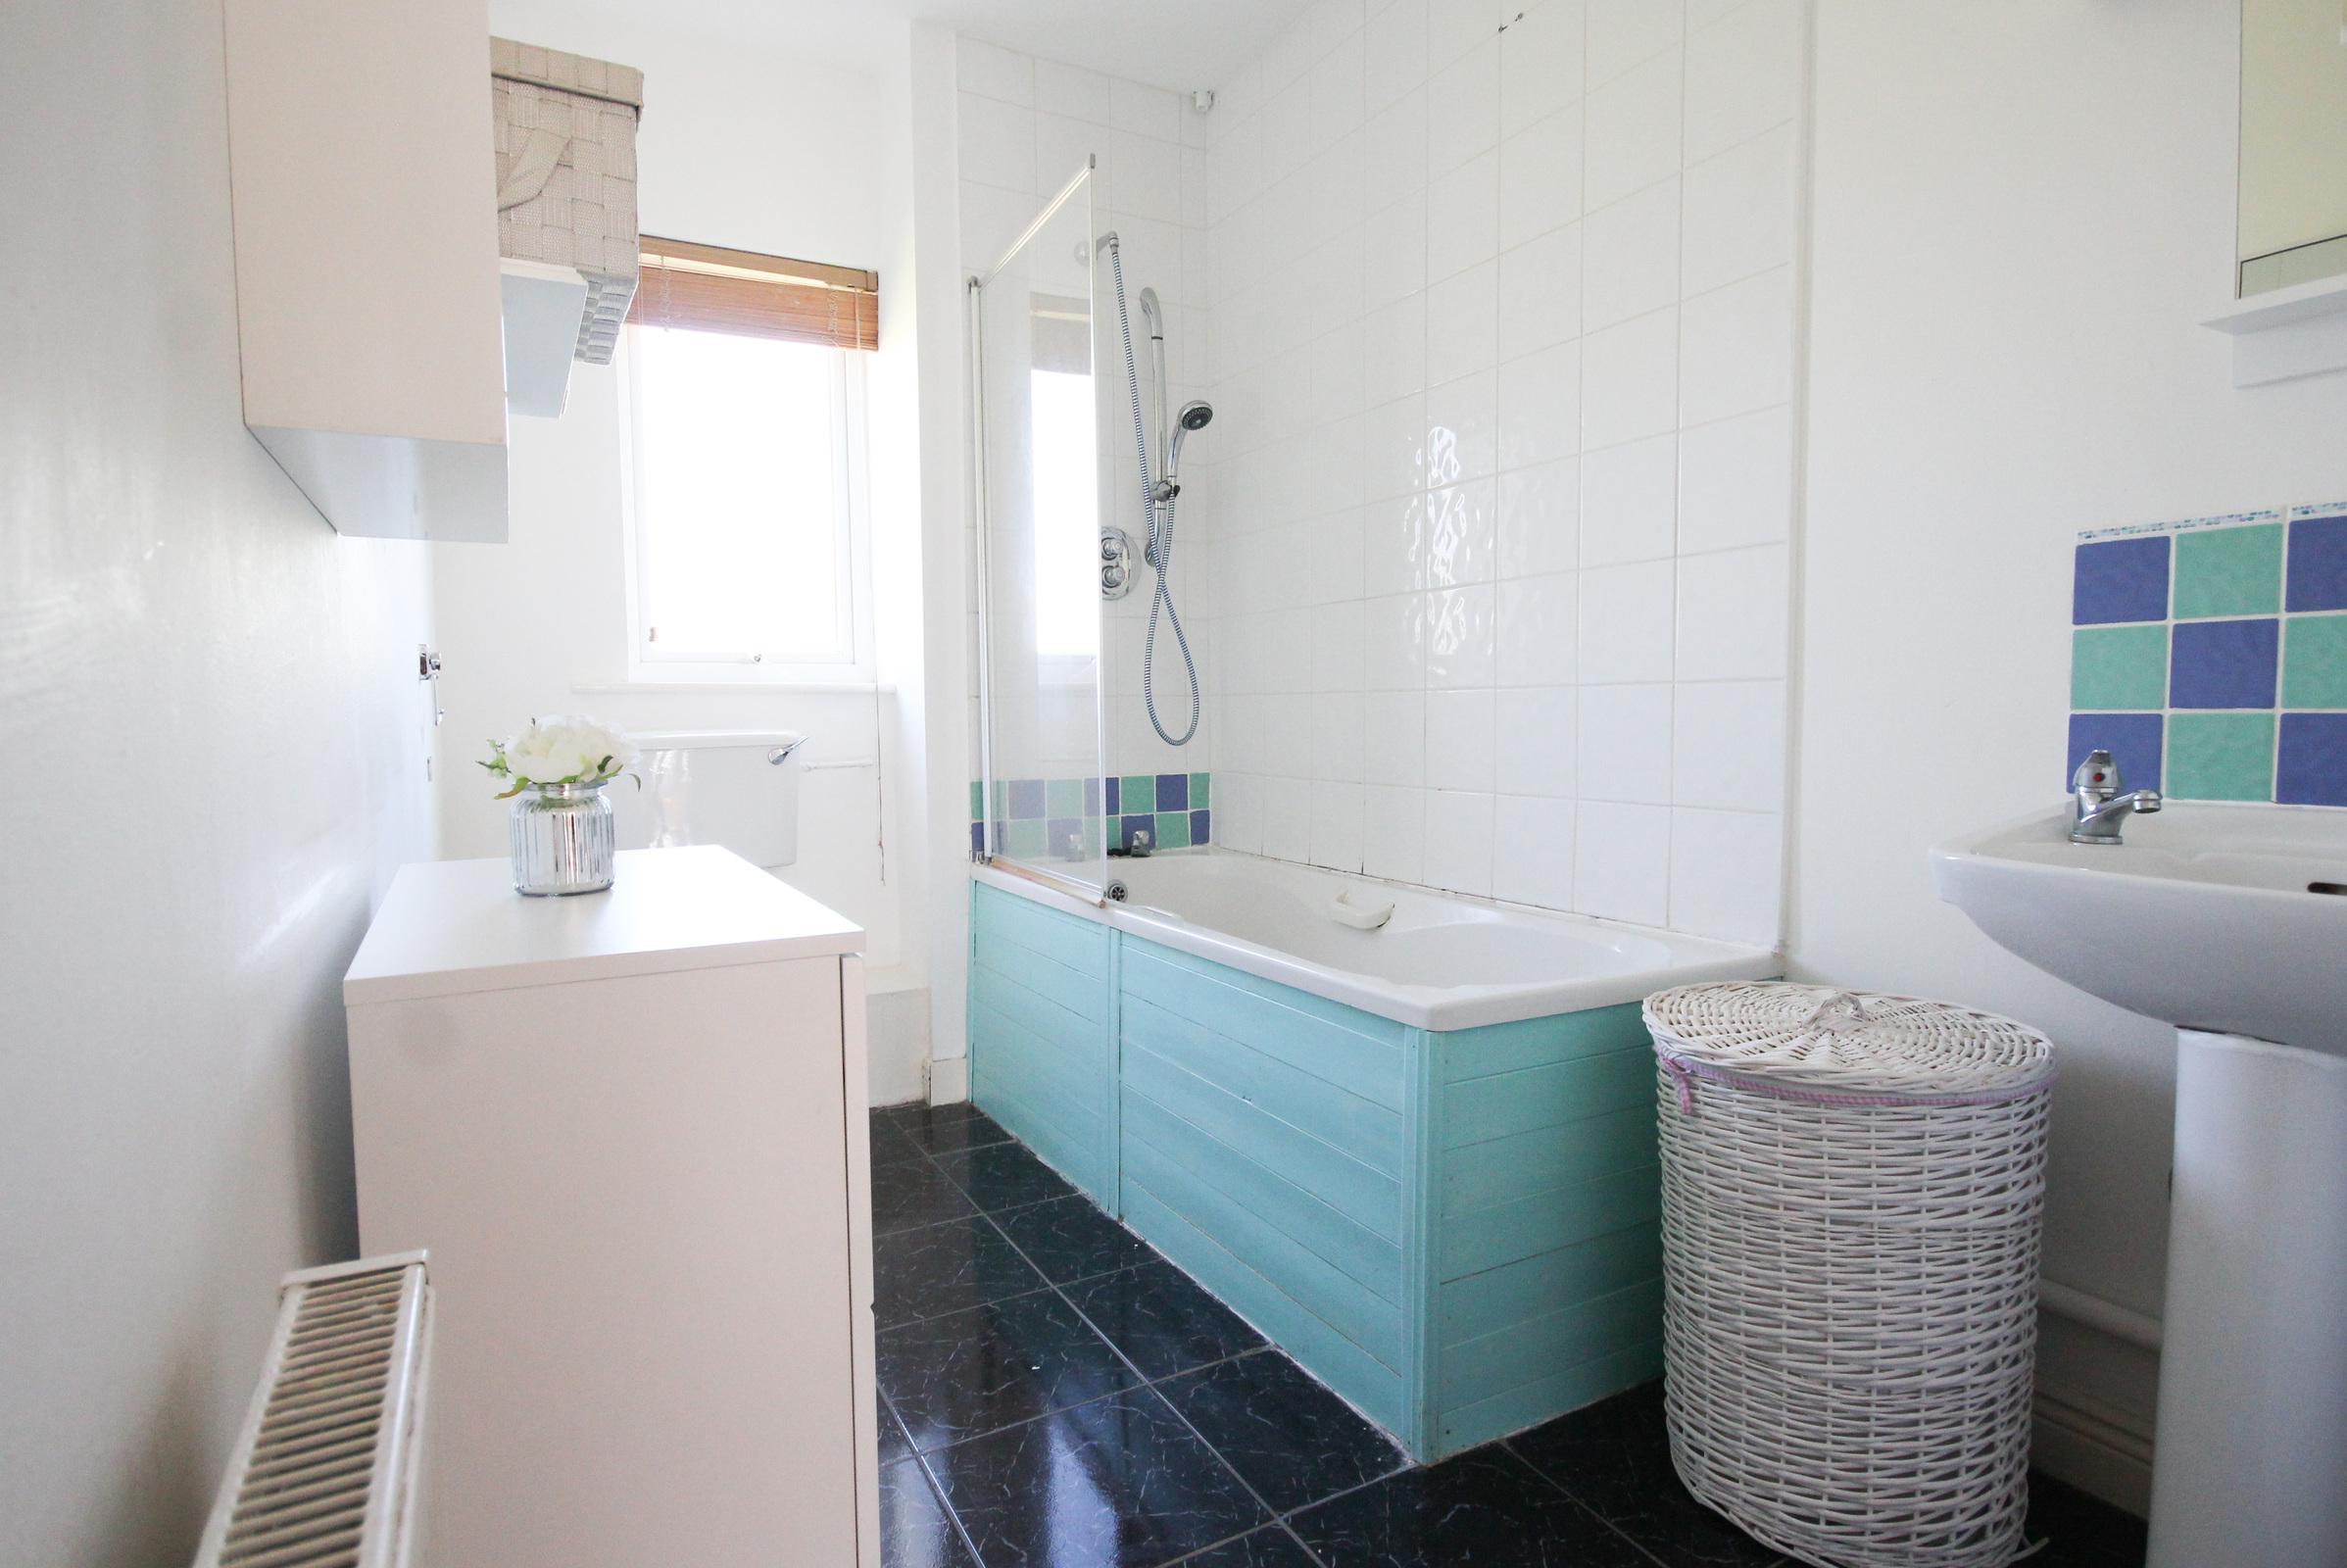 Apartment 30, Deerpark Court, Blessington, Co. Wicklow